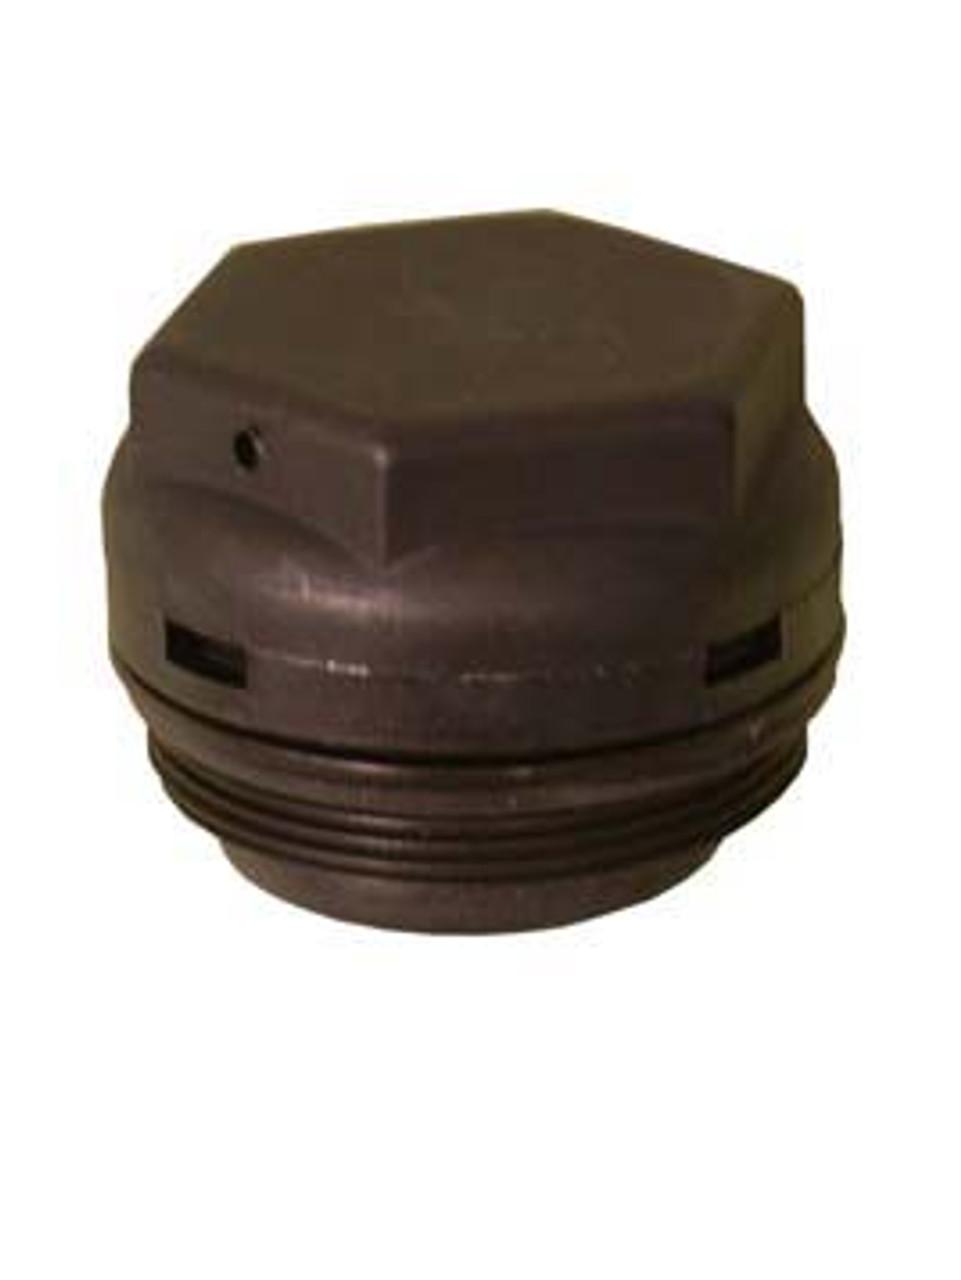 12503 --- Model 10 & 20 Master Cylinder Cap ONLY